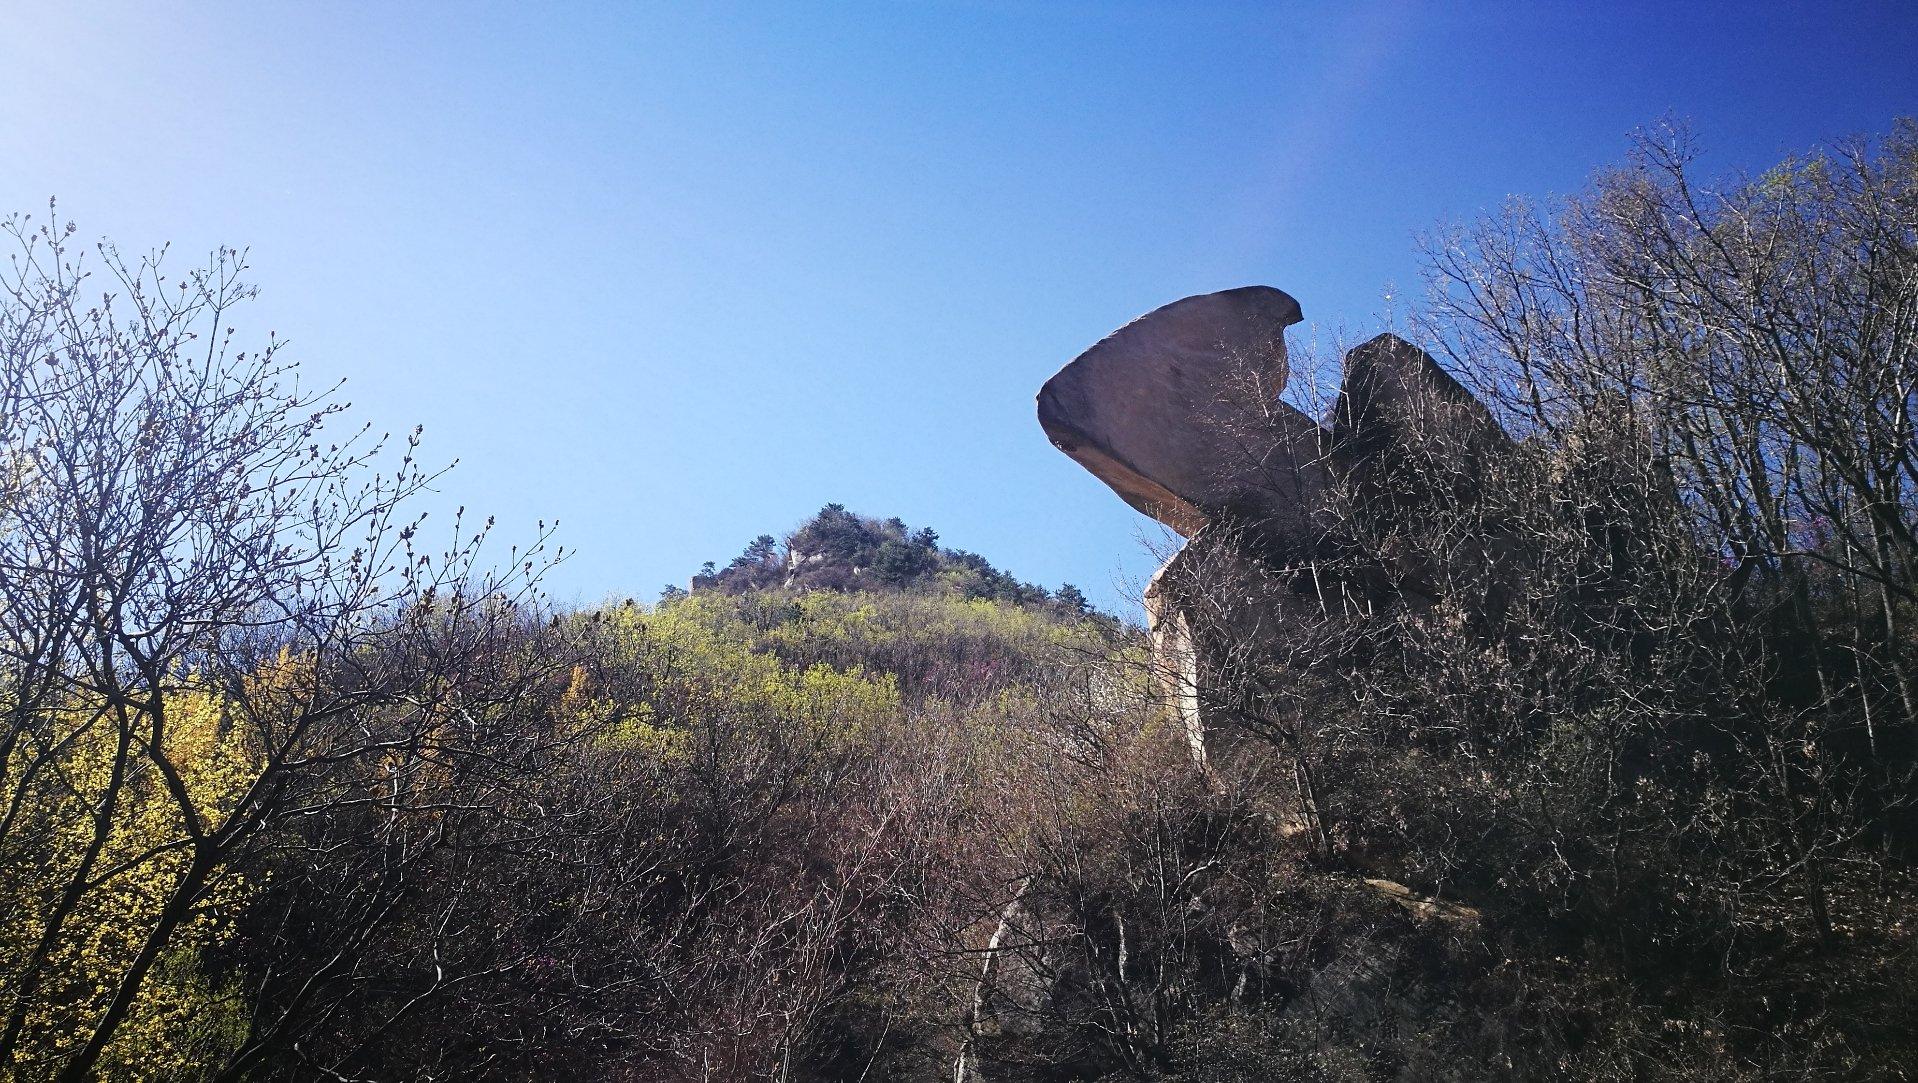 北京市密云区云蒙山云蒙酒家农家院云蒙山国家森林公园天气预报